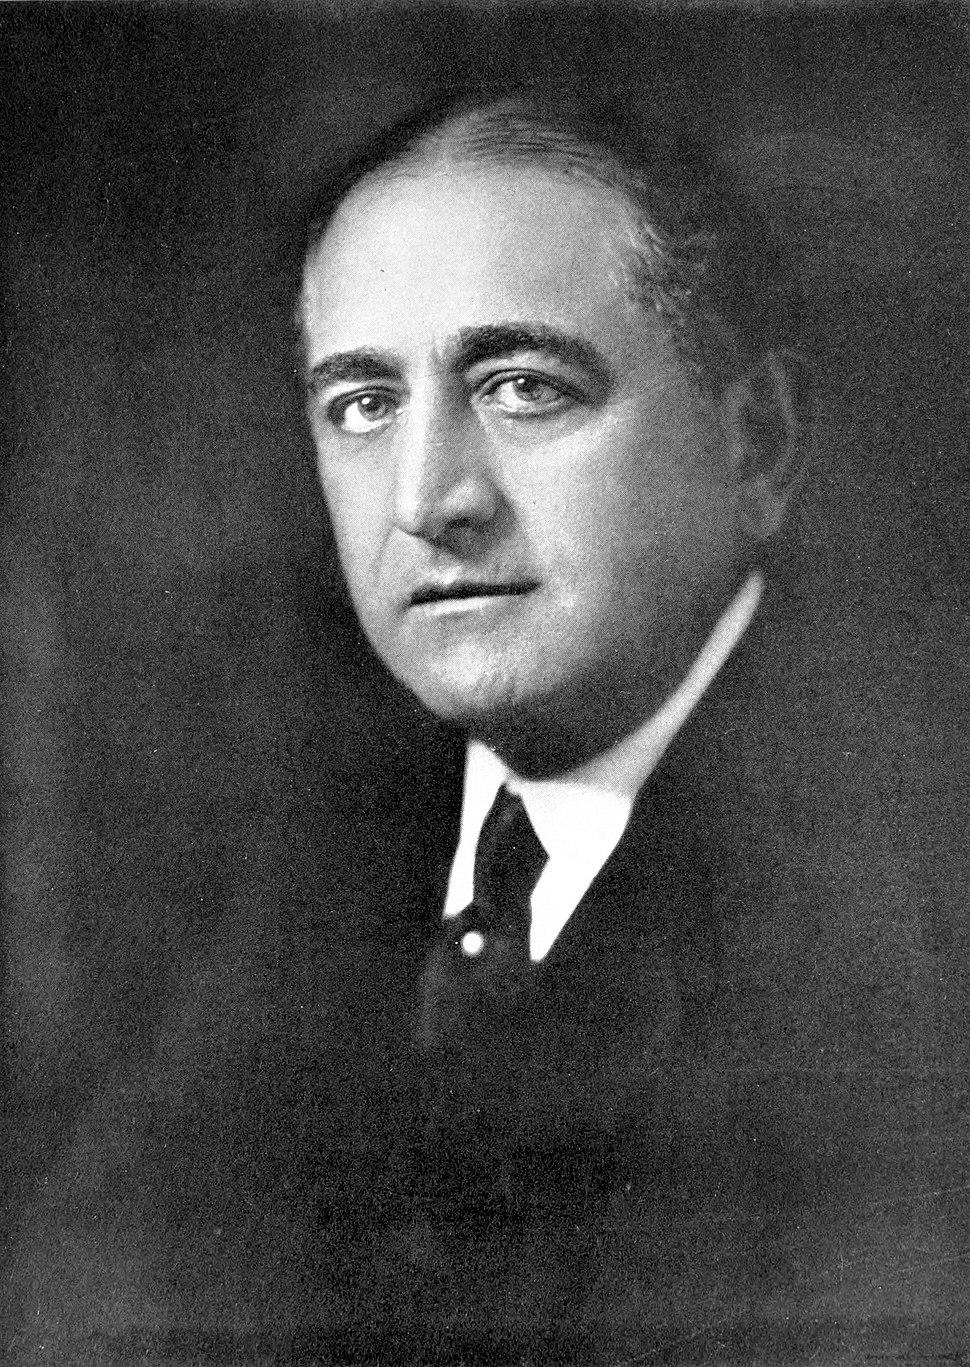 CAB 1918 Ochs Adolph S